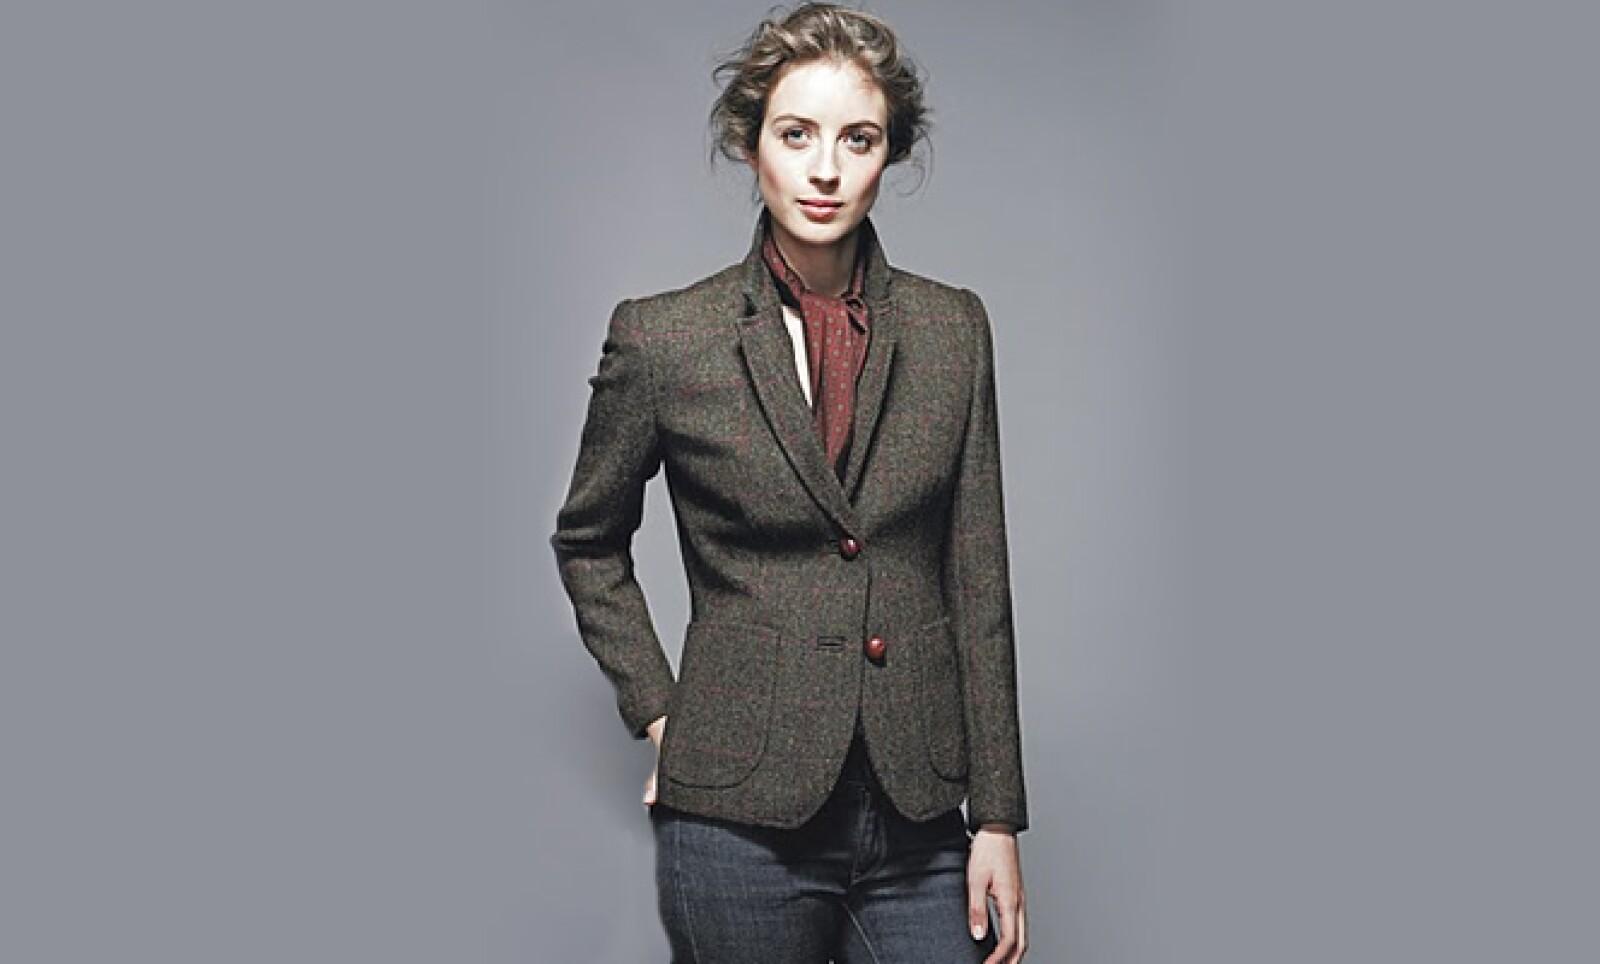 La marca de moda británica lanza su colección para la temporada otoño/invierno, con opciones casuales para sobrepasar el frío con estilo.